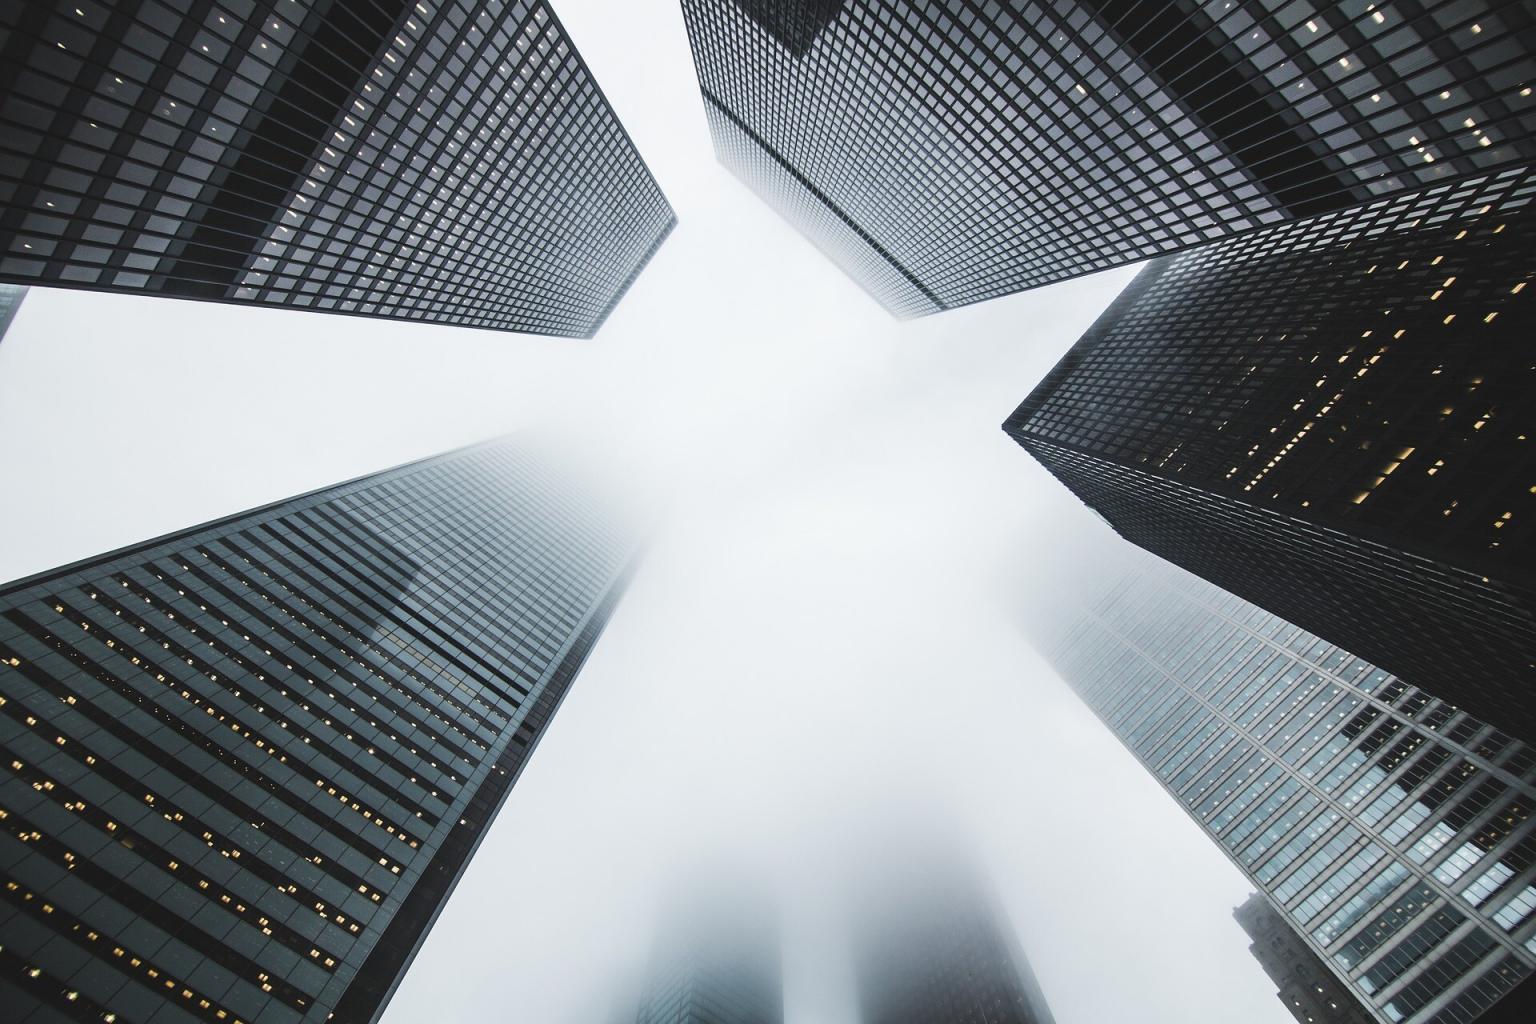 Durante una crisis pronunciada, hay que mantener una visión a largo plazo